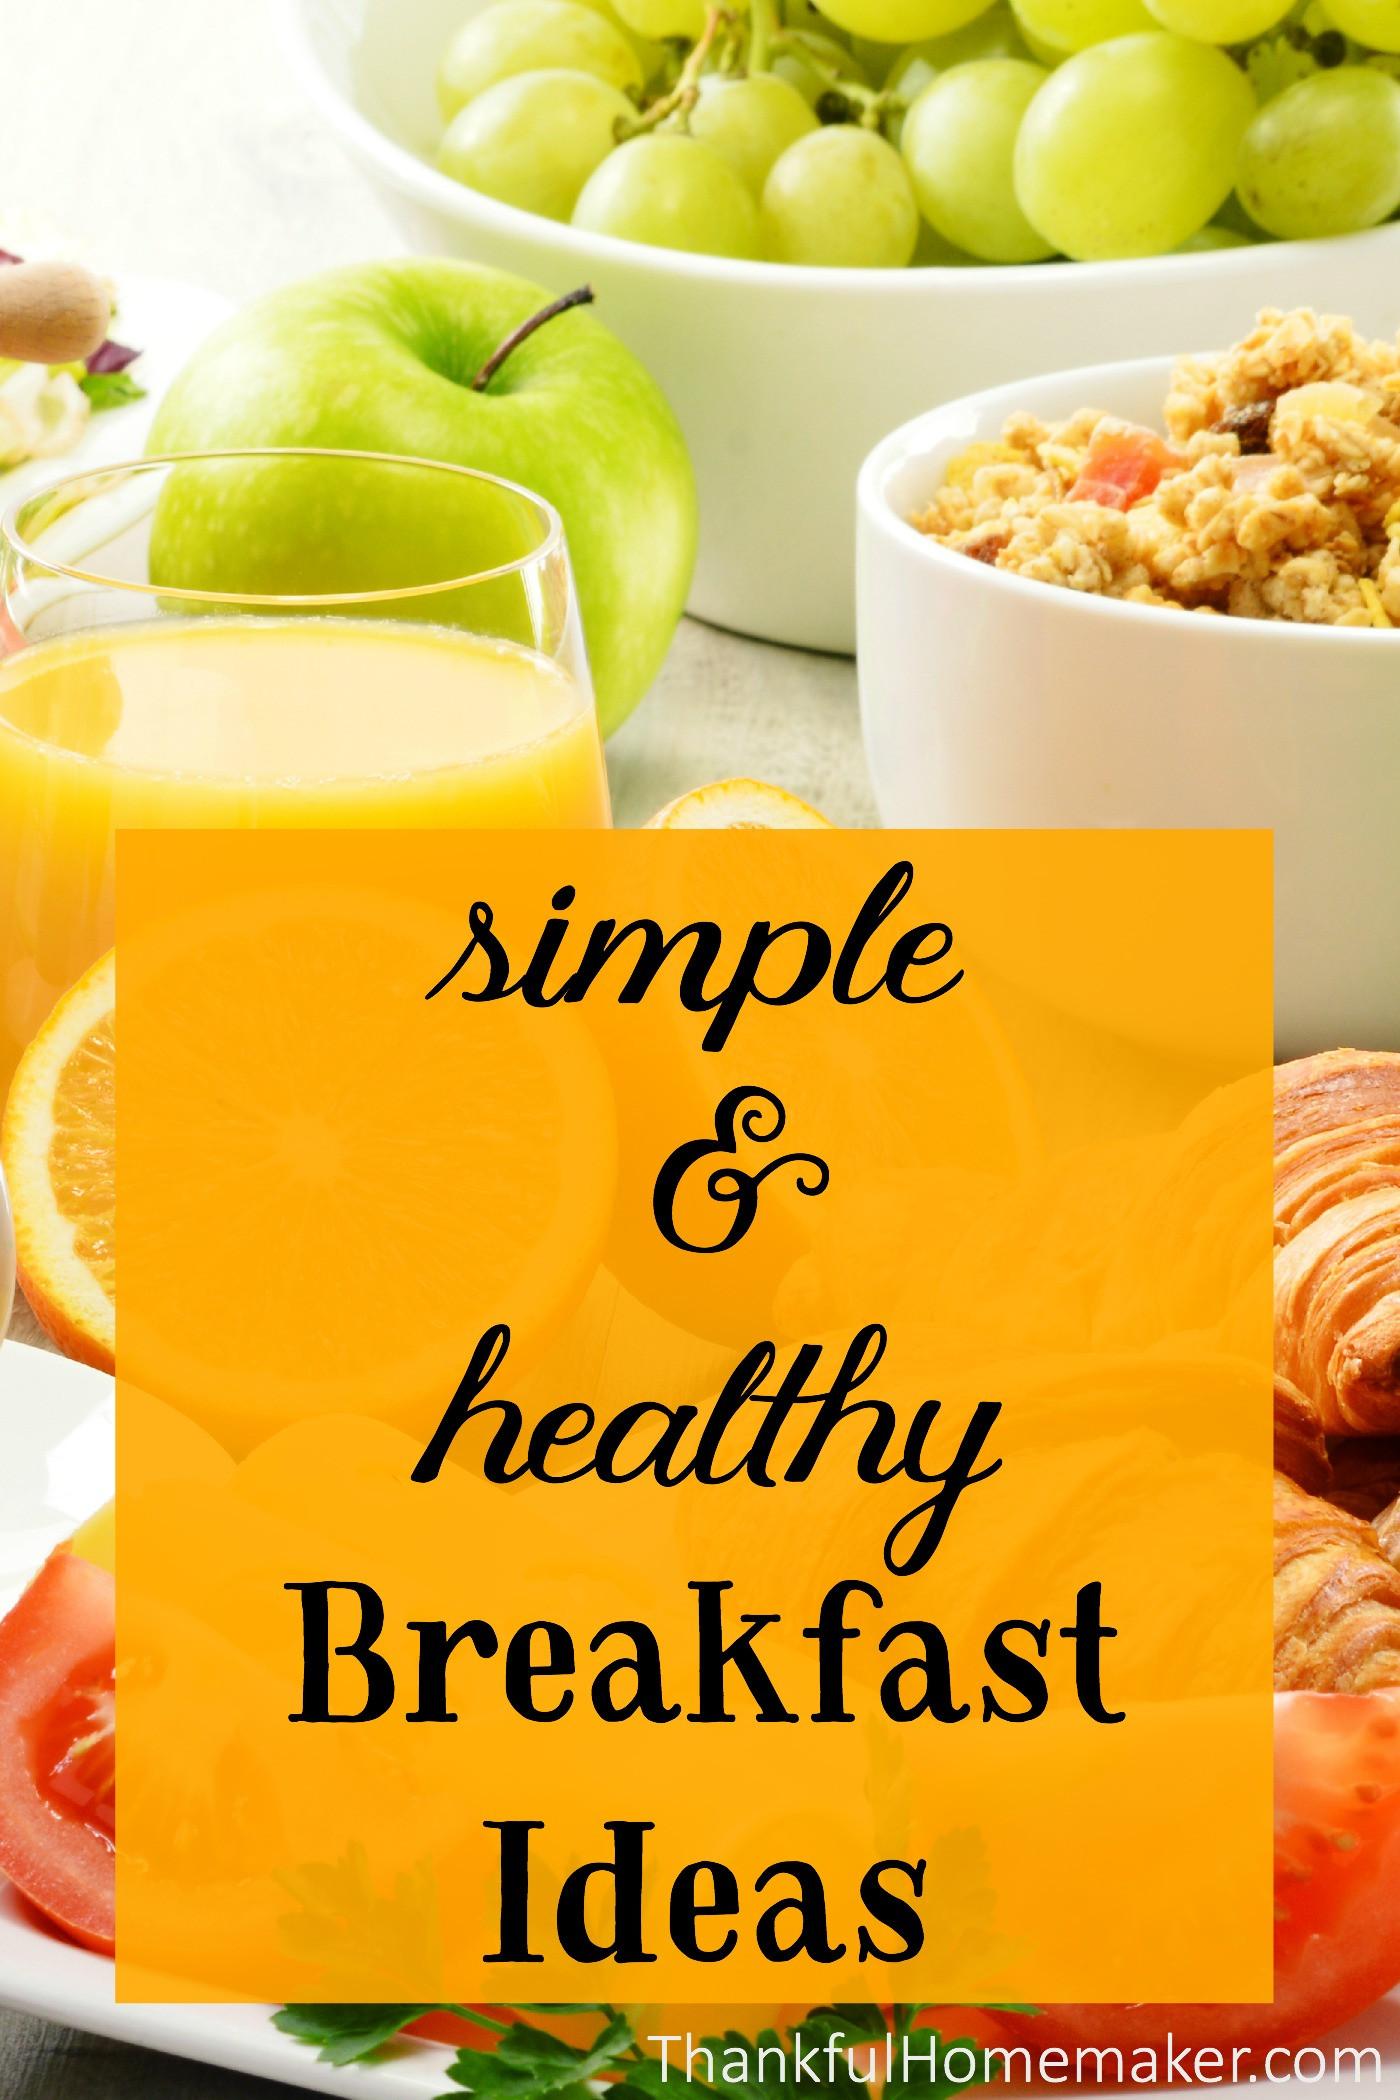 Healthy Simple Breakfast Ideas  Simple & Healthy Breakfast Ideas Thankful Homemaker